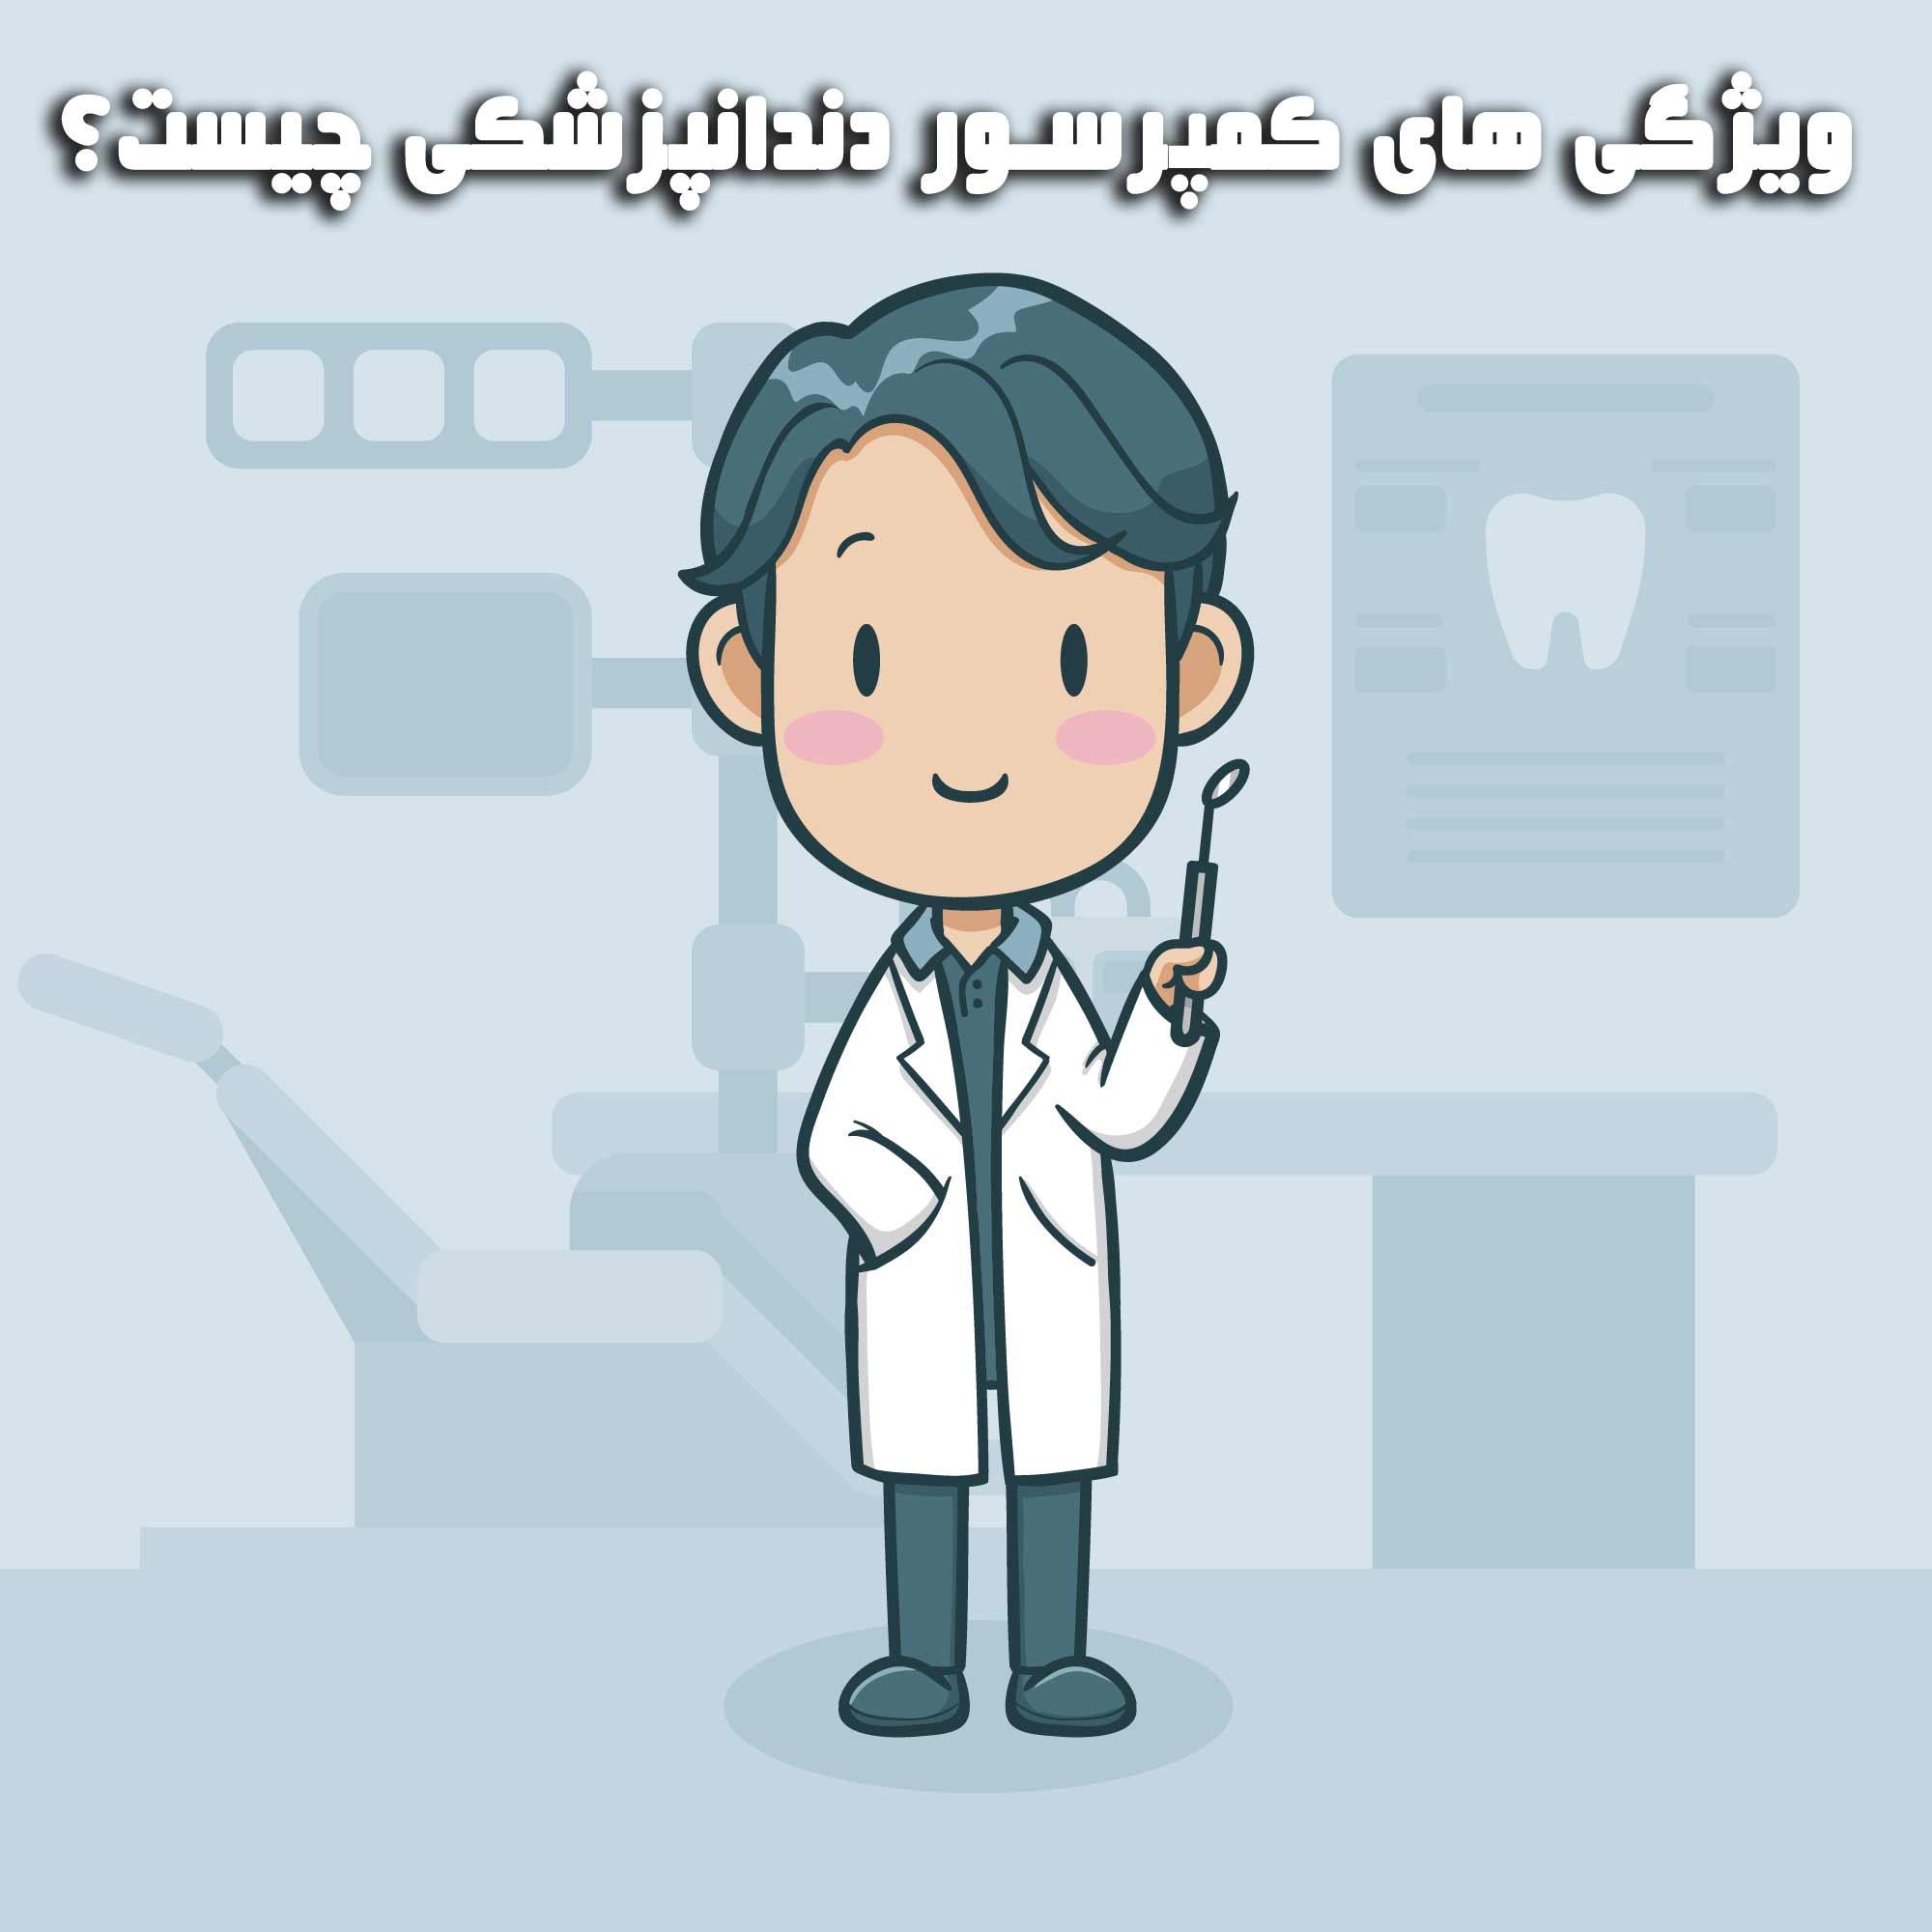 ویژگی کمپرسور دندانپزشکی-مشخصات کمپرسور دندانپزشکی-انتخاب کمپرسور دندانپزشکی